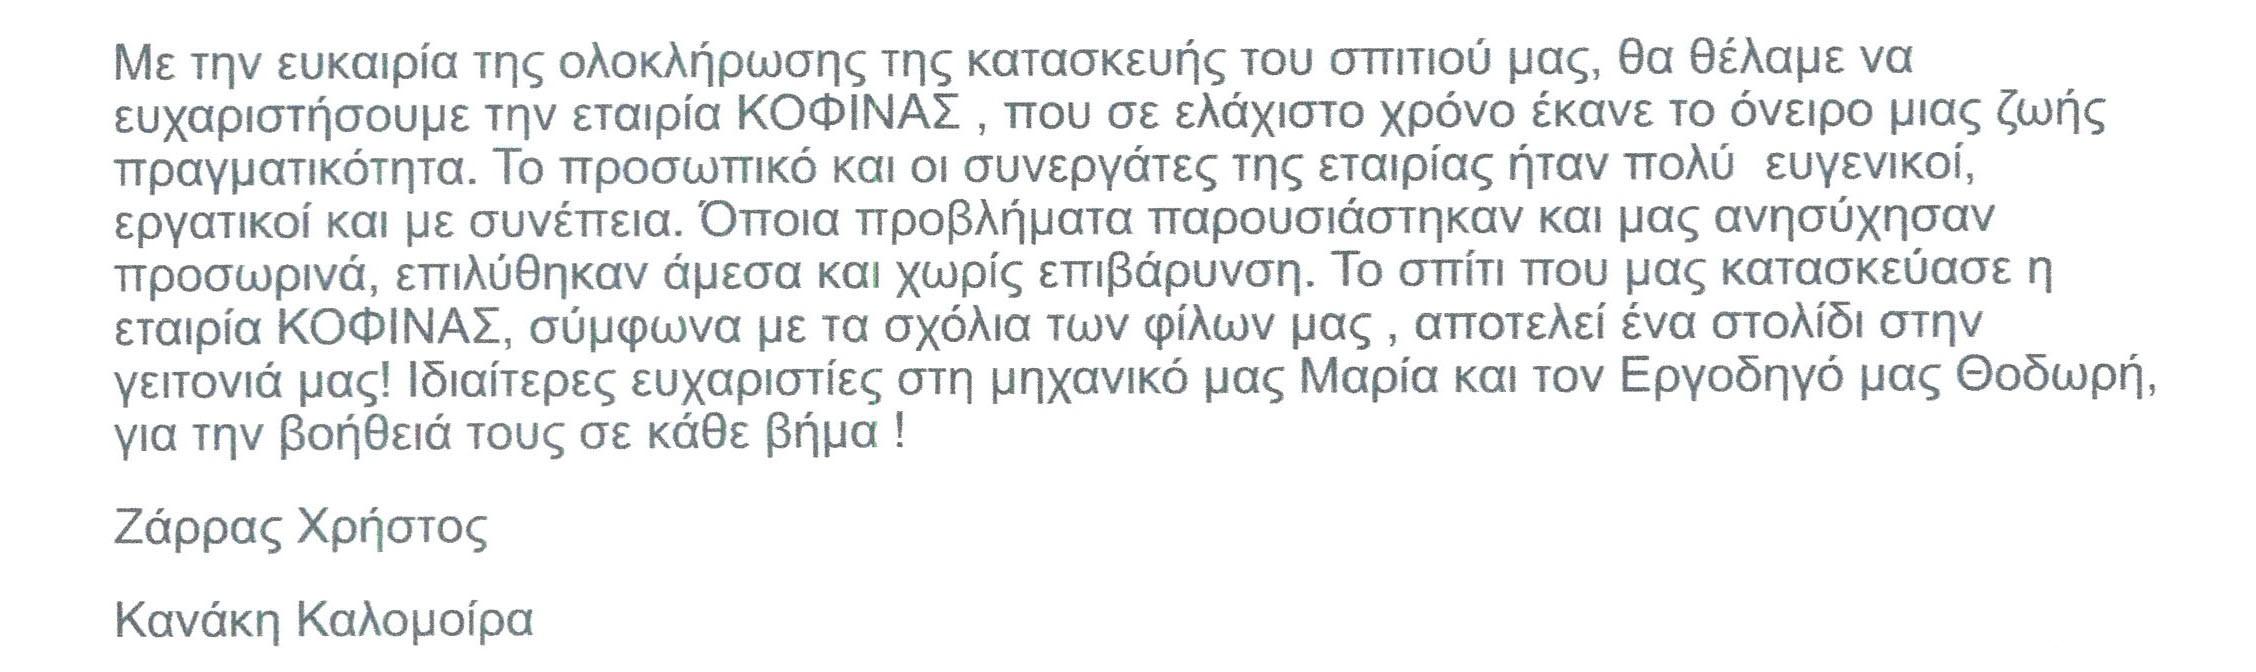 Ζάρρας Χρήστος και Κανάκη Καλομοίρα